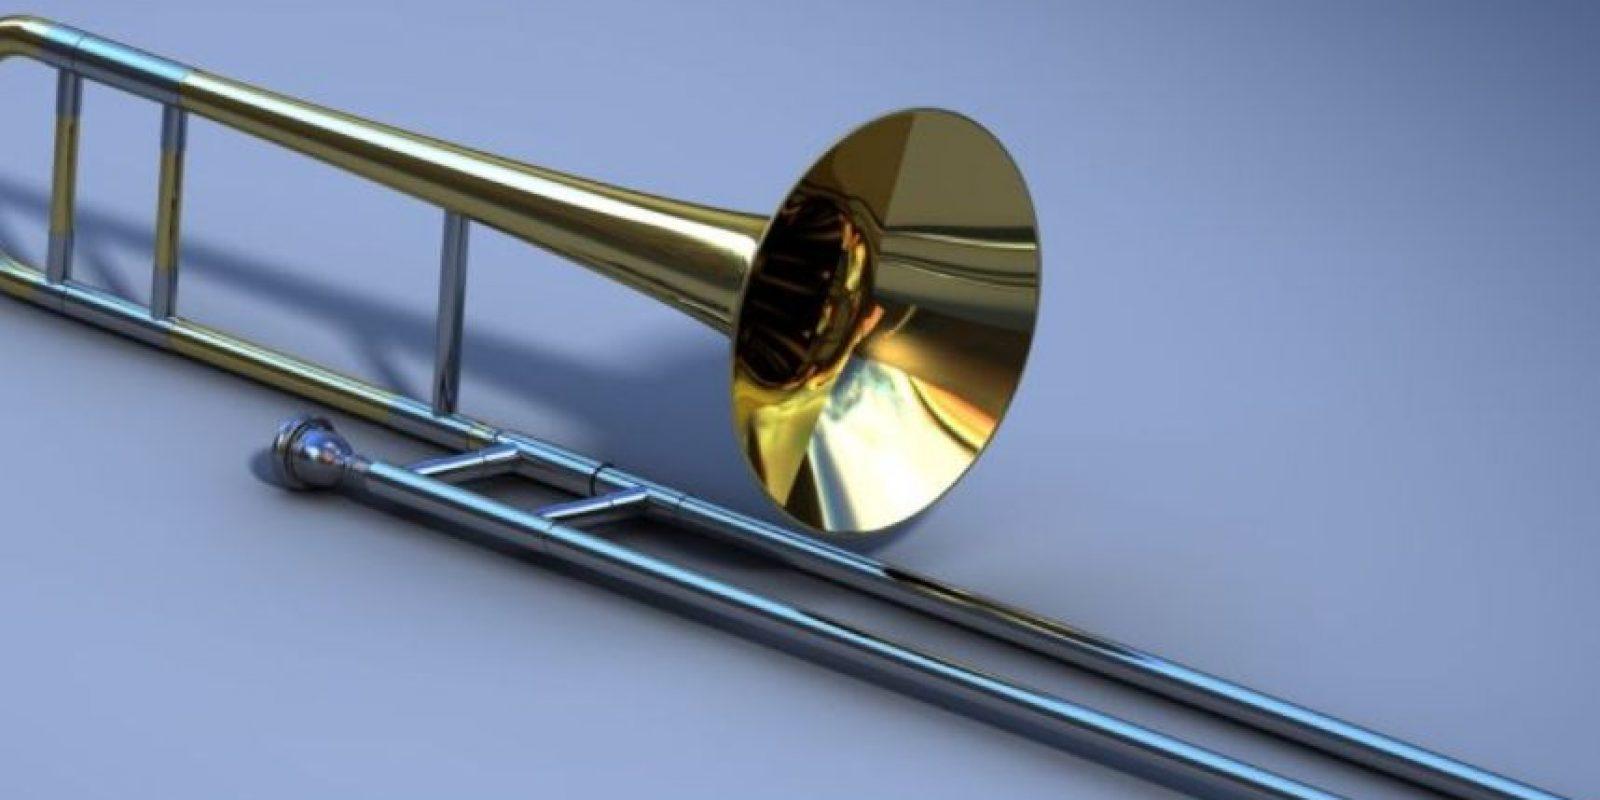 """""""Trombón oxidado"""" (Rusty Trombone): Mientras se hace sexo oral, preferiblemente en el ano, otra persona se encarga de jugar manualmente con las partes privadas del individuo. Foto:Wikipedia"""